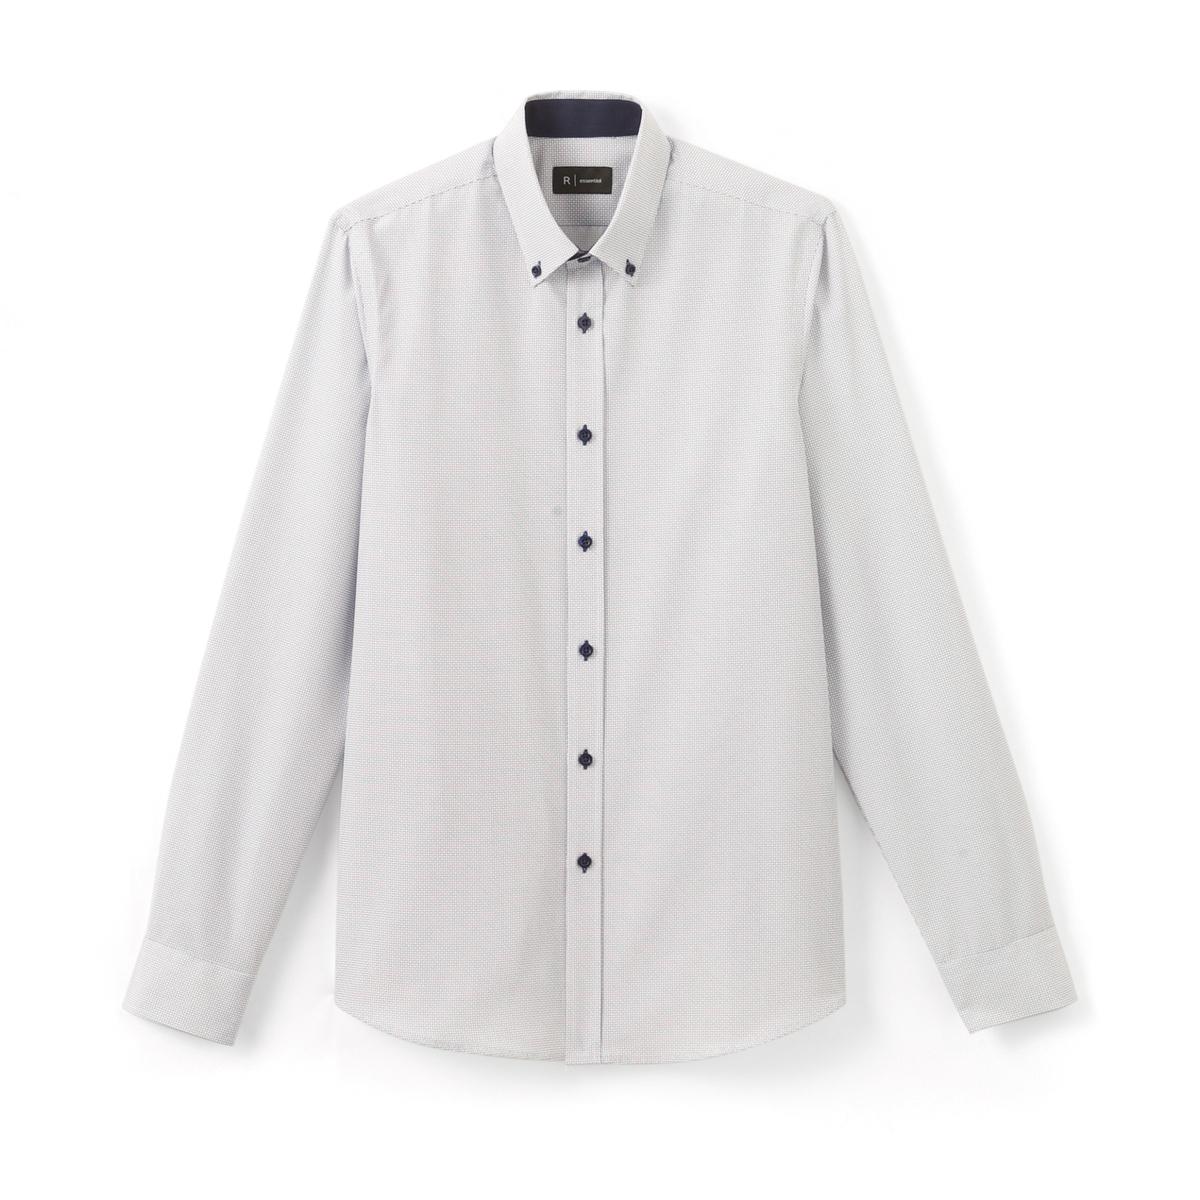 Рубашка узкая с принтом, из хлопкаРубашка с длинными рукавами и рисунком. Узкий покрой и классический воротник со свободными кончиками . Низ рукавов с застежкой на пуговицы.Состав и описание :Материал  55% хлопка, 45% полиэстера  Марка  R ?ditionДлина 79 смУход:Машинная стирка при 40 °ССтирка с вещами схожих цветовОтбеливание запрещеноГладить при умеренной температуреСухая (химическая) чистка запрещенаМашинная сушка в умеренном режиме<br><br>Цвет: рисунок/белый<br>Размер: 35/36.43/44.39/40.47/48